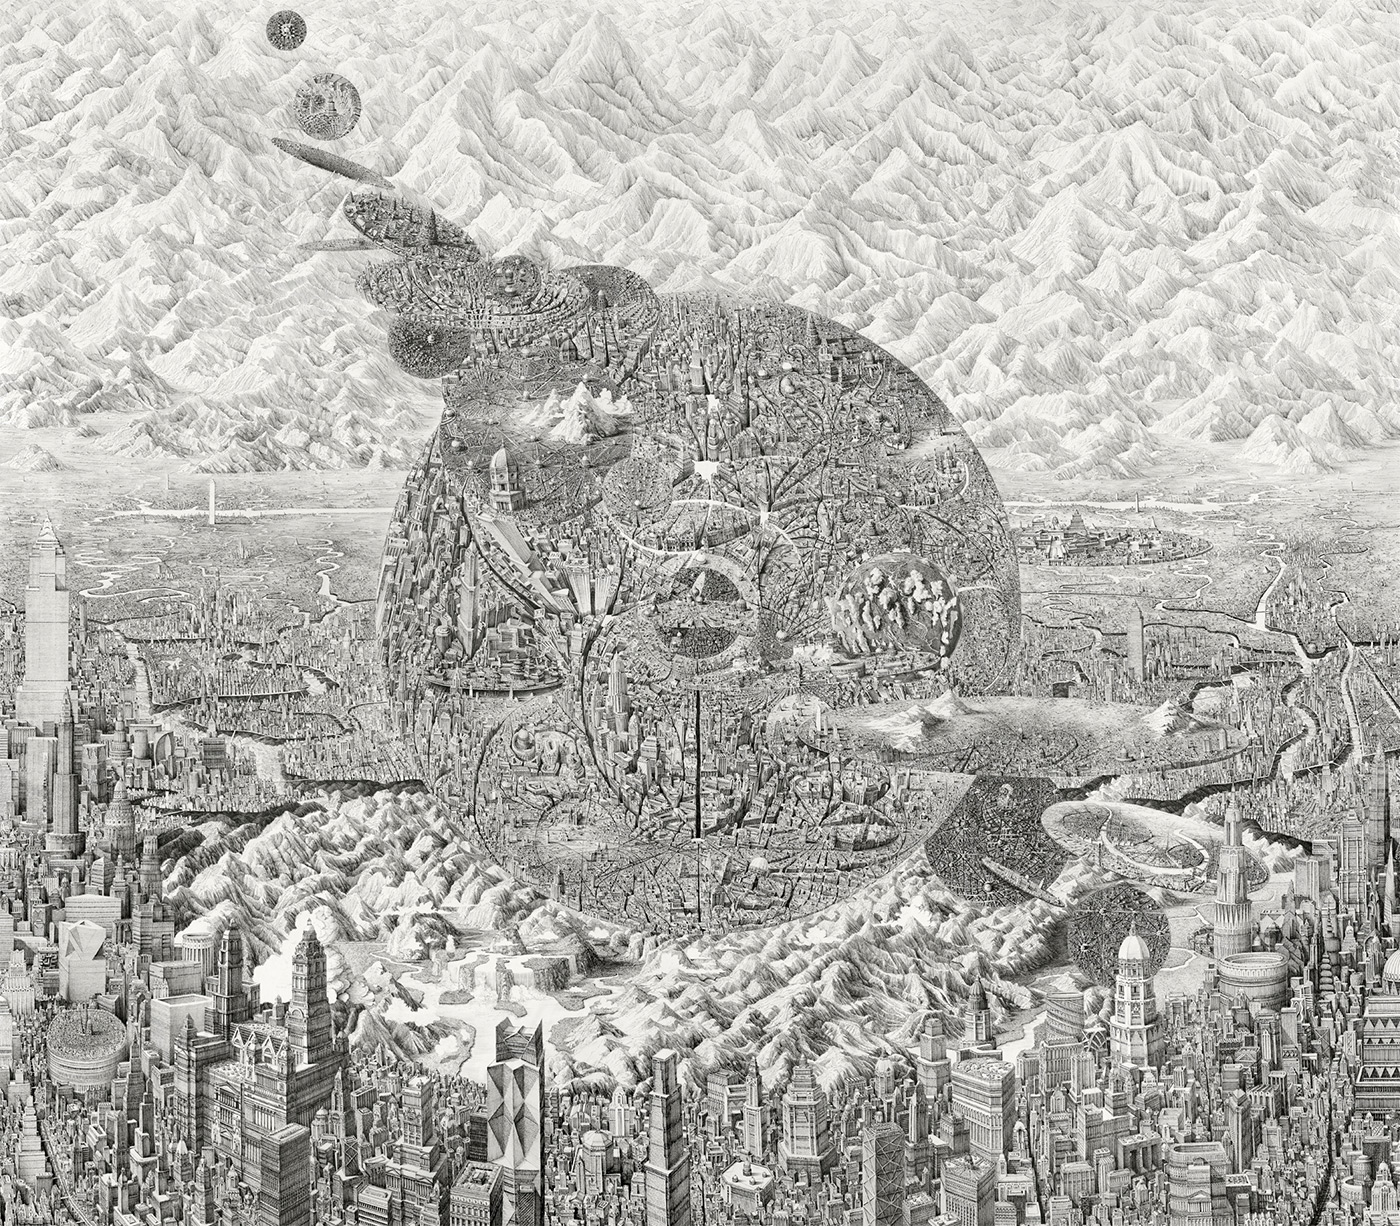 Бен Сак: графические образы фантастических городских пейзажей